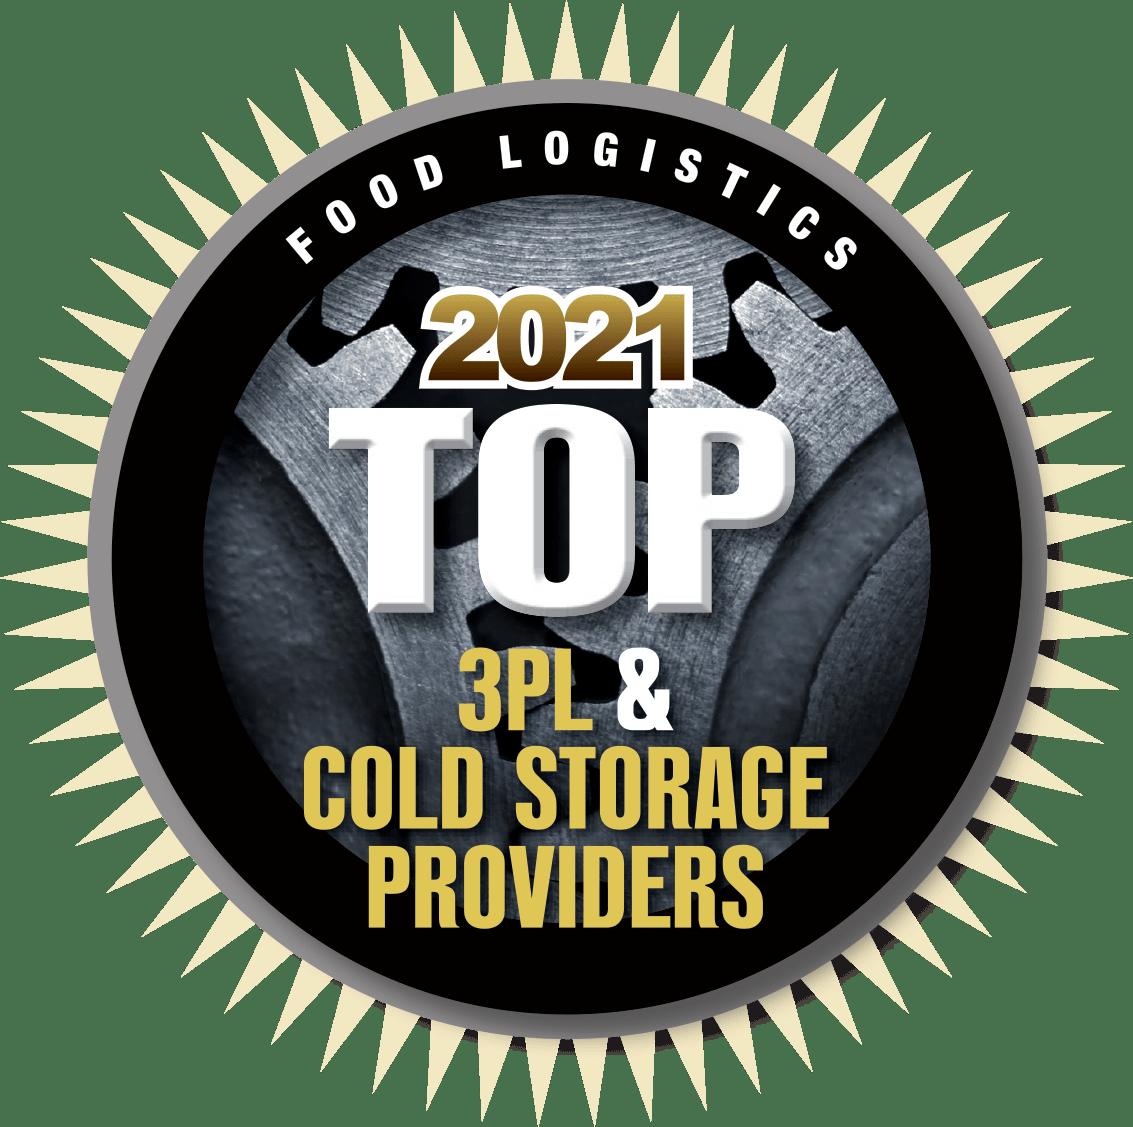 2021 Food Logistics Top 3PL Provider